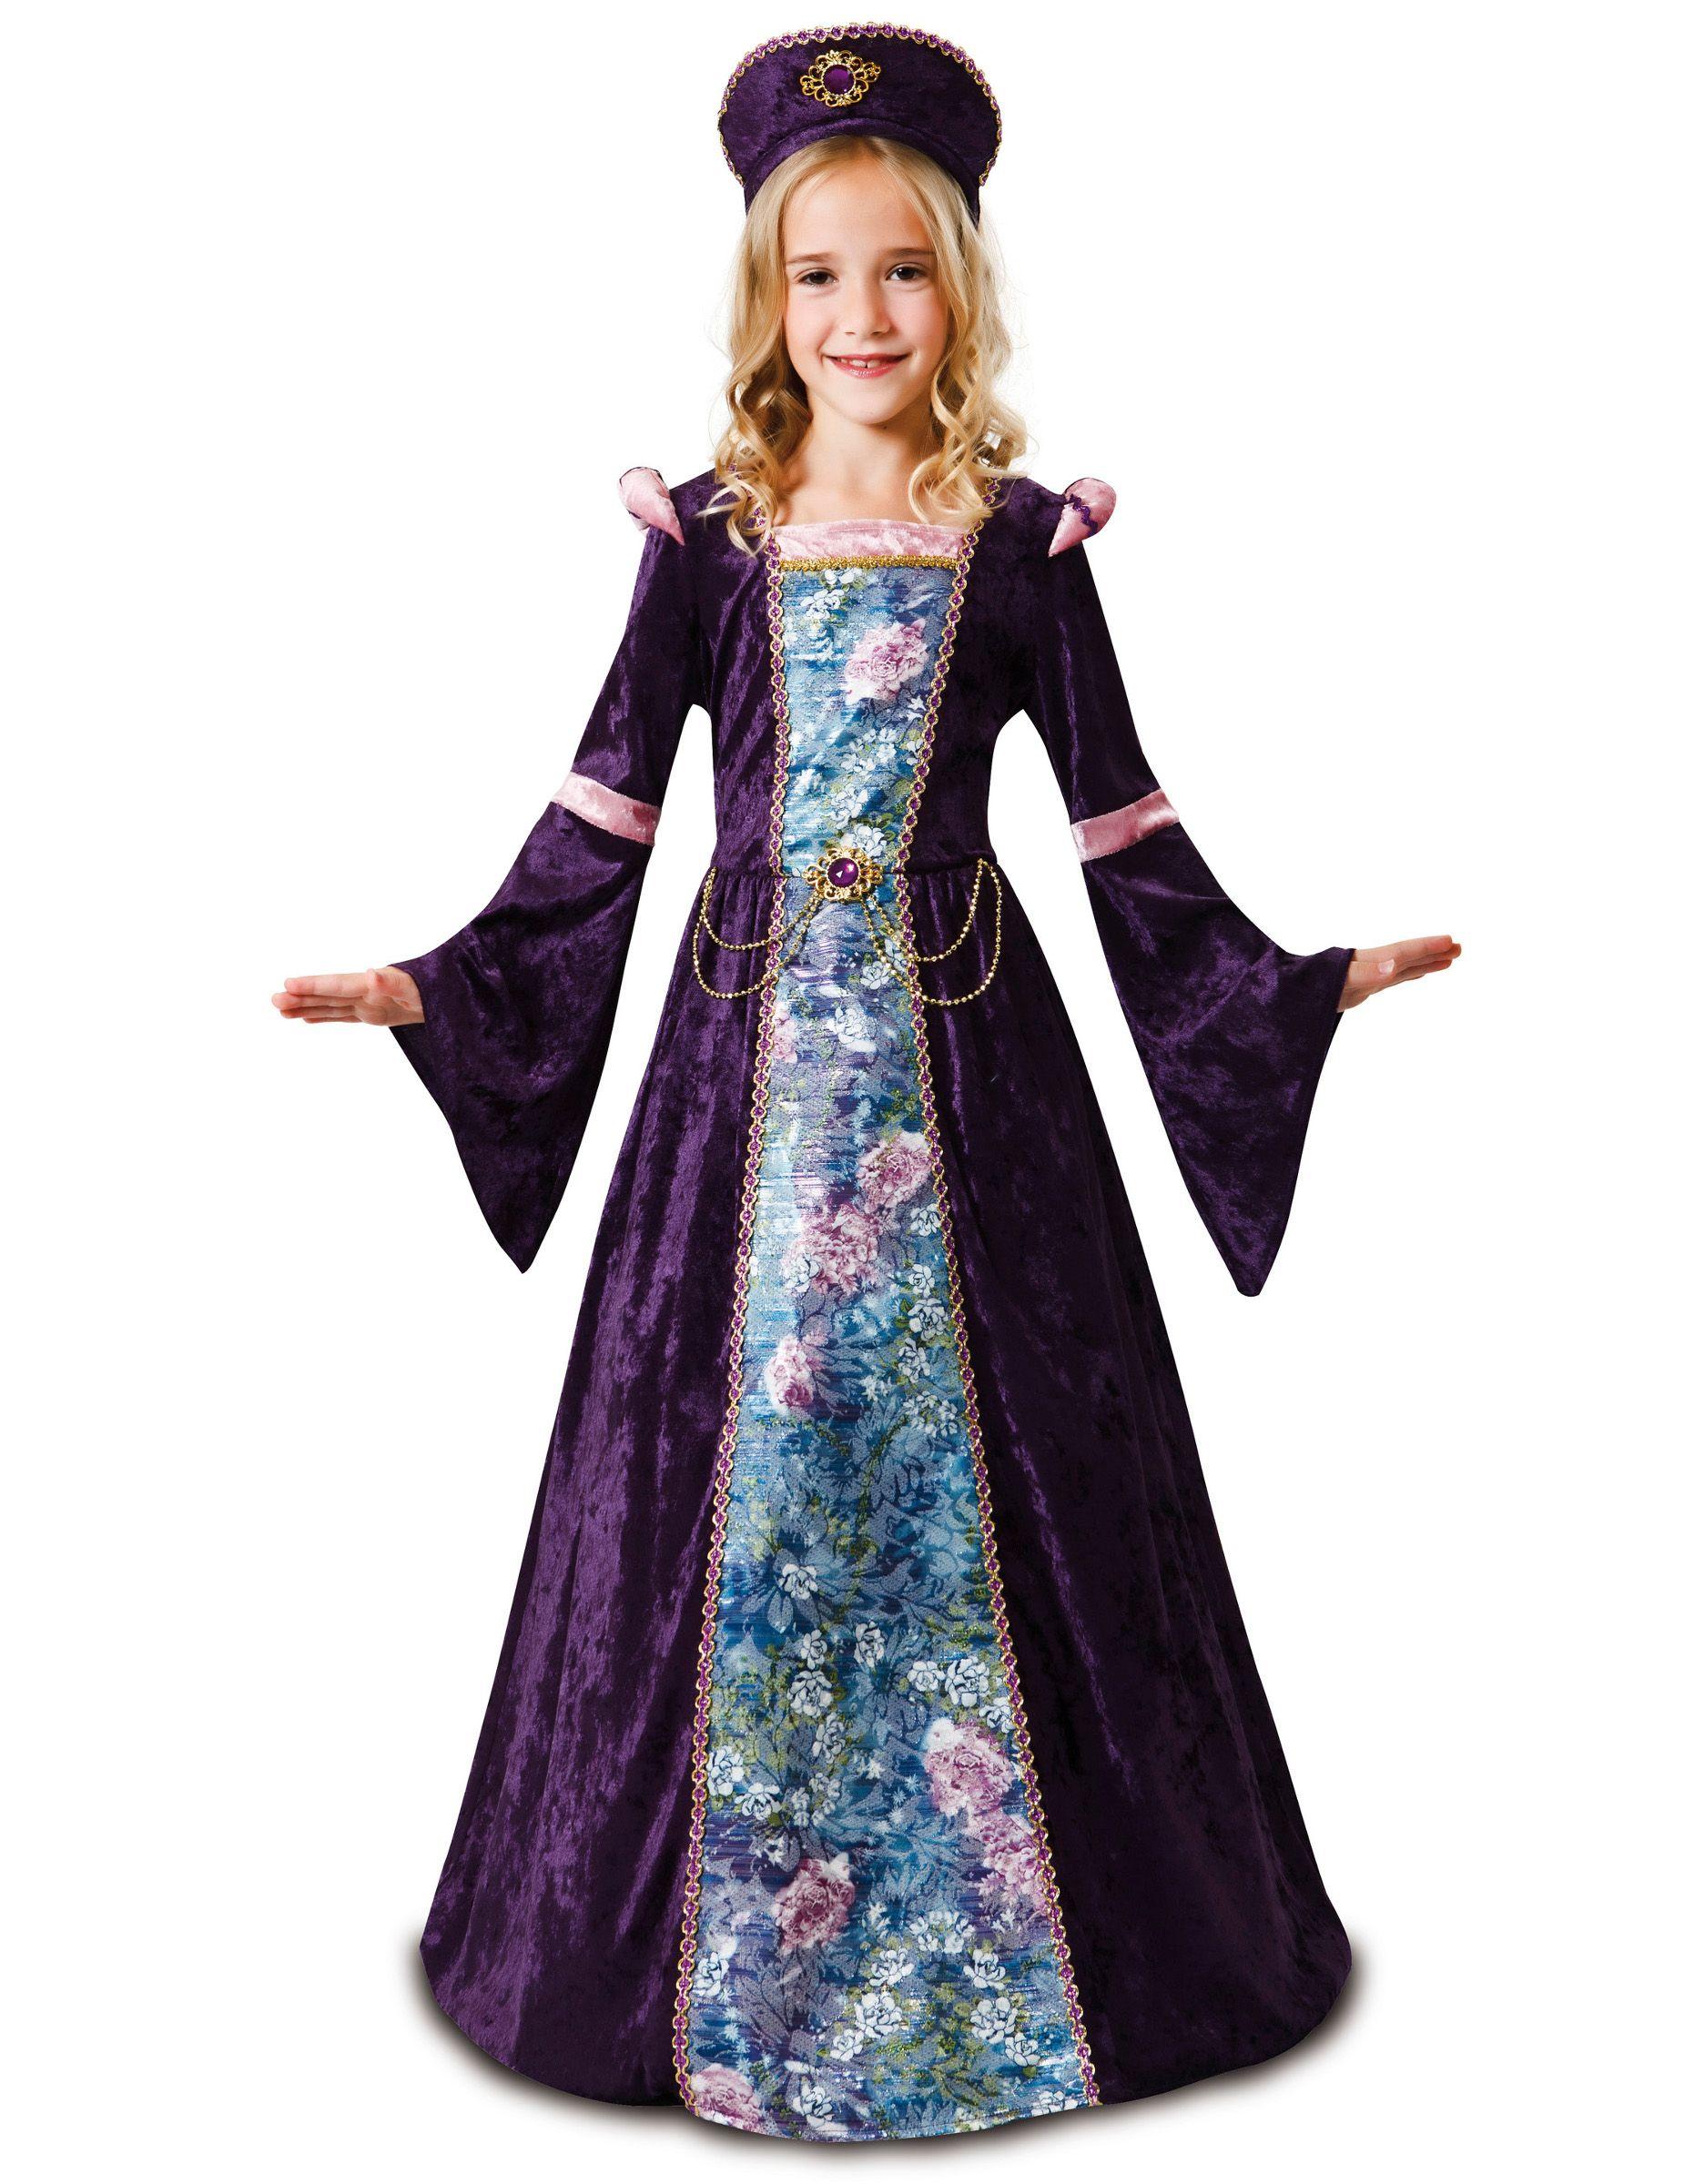 abbigliamento sportivo ad alte prestazioni originale carino e colorato Costume da dama medievale per bambina | Abiti rinascimentali ...